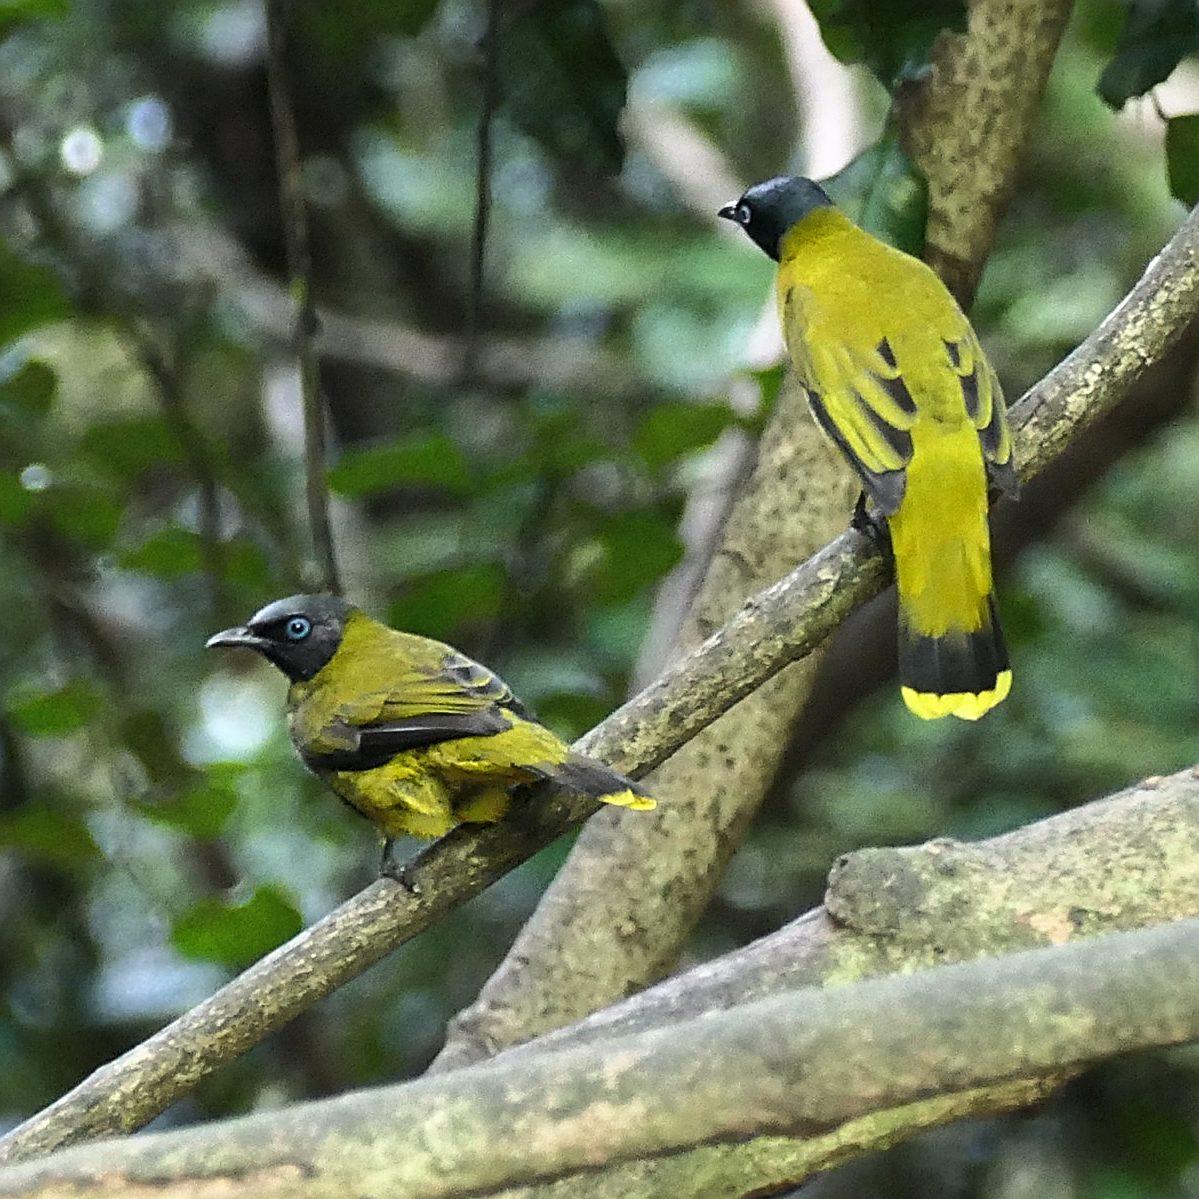 A pair of Black-headed Bulbuls perches near the Kaeng Krachan forest. Noah Strycker